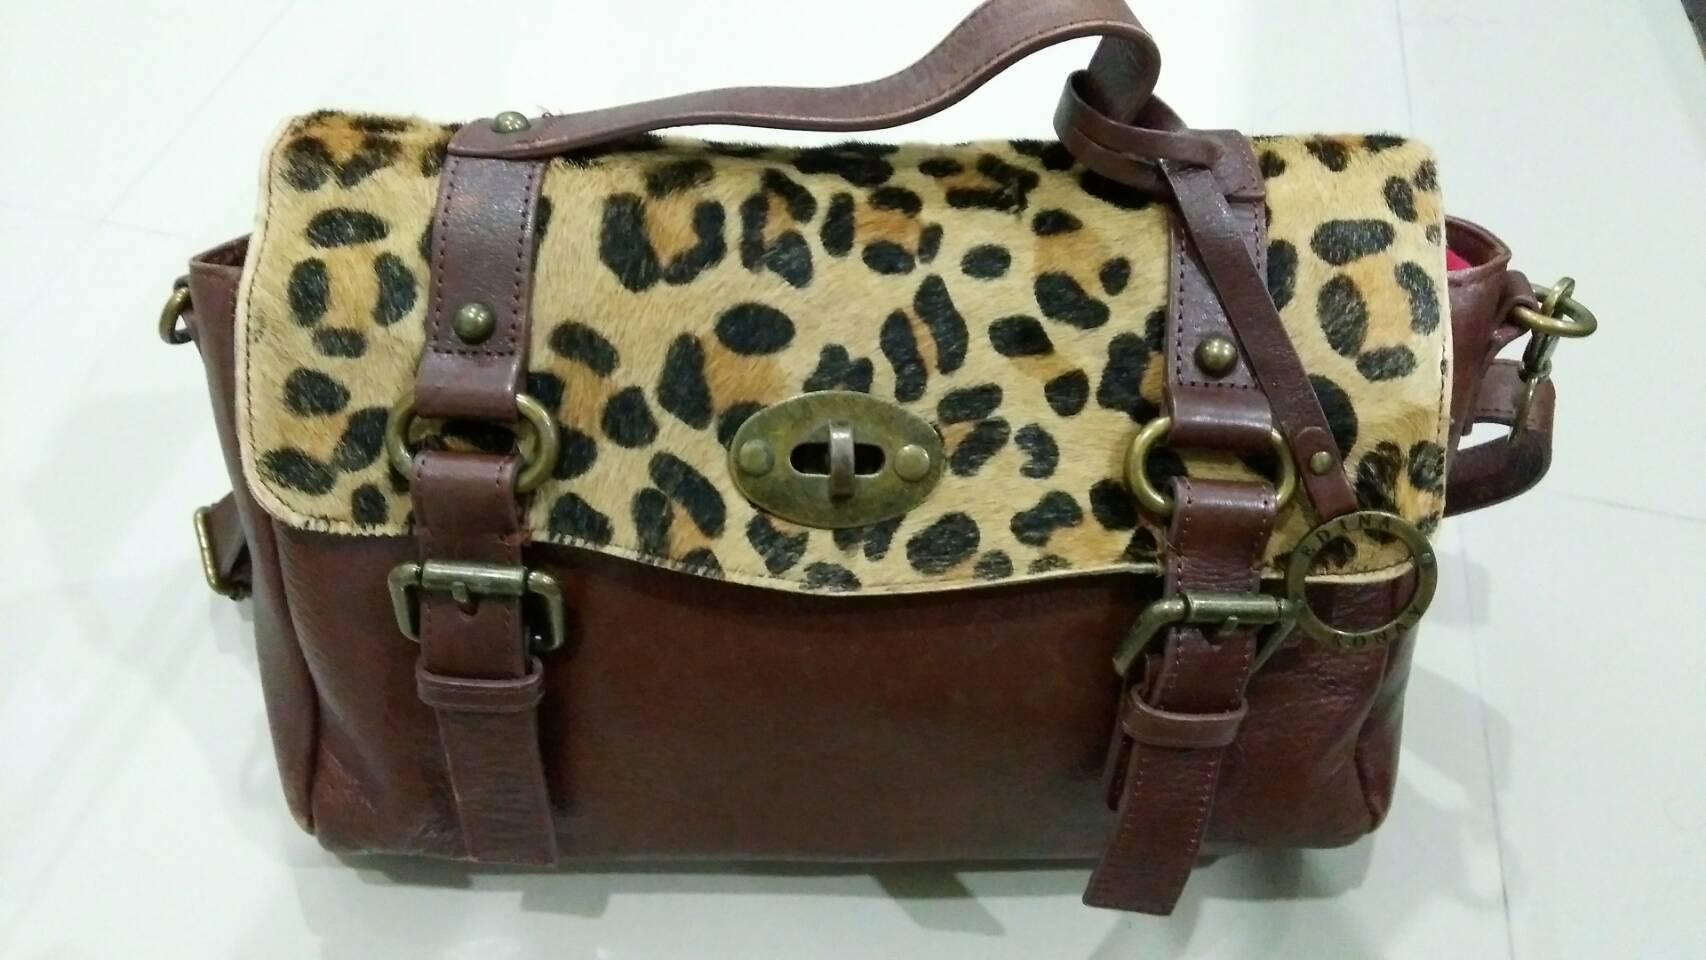 กระเป๋าสะพายข้างผู้หญิงหนังแท้ แฟชั่น จากประเทศอังกฤษ ที่เปิด เป็น ขนม้า ลายเสือ สวยเท่ 30767